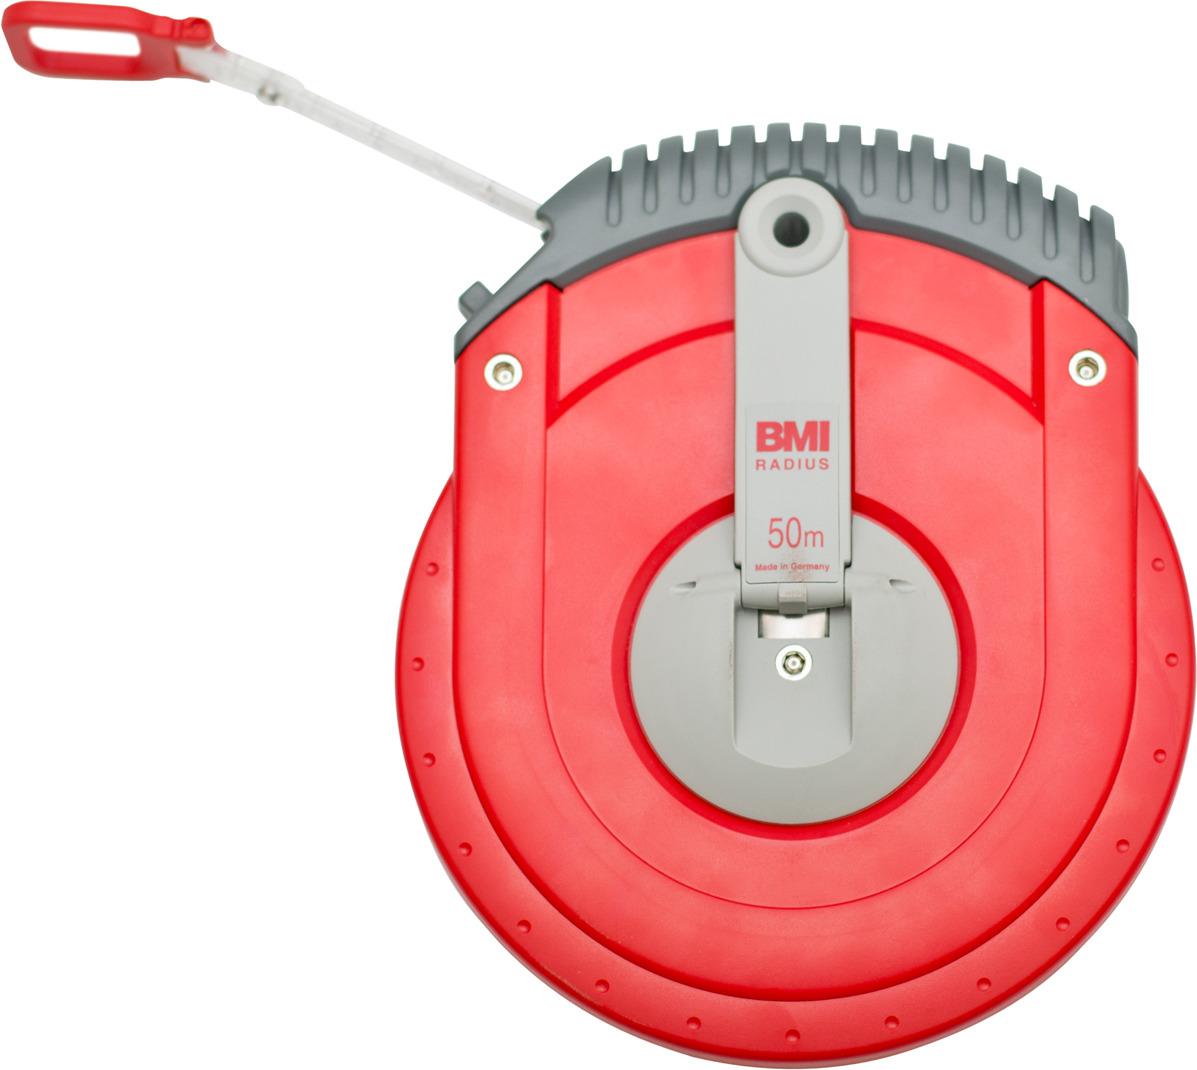 Измерительная рулетка BMI Radius, 501234050BF, 50 м